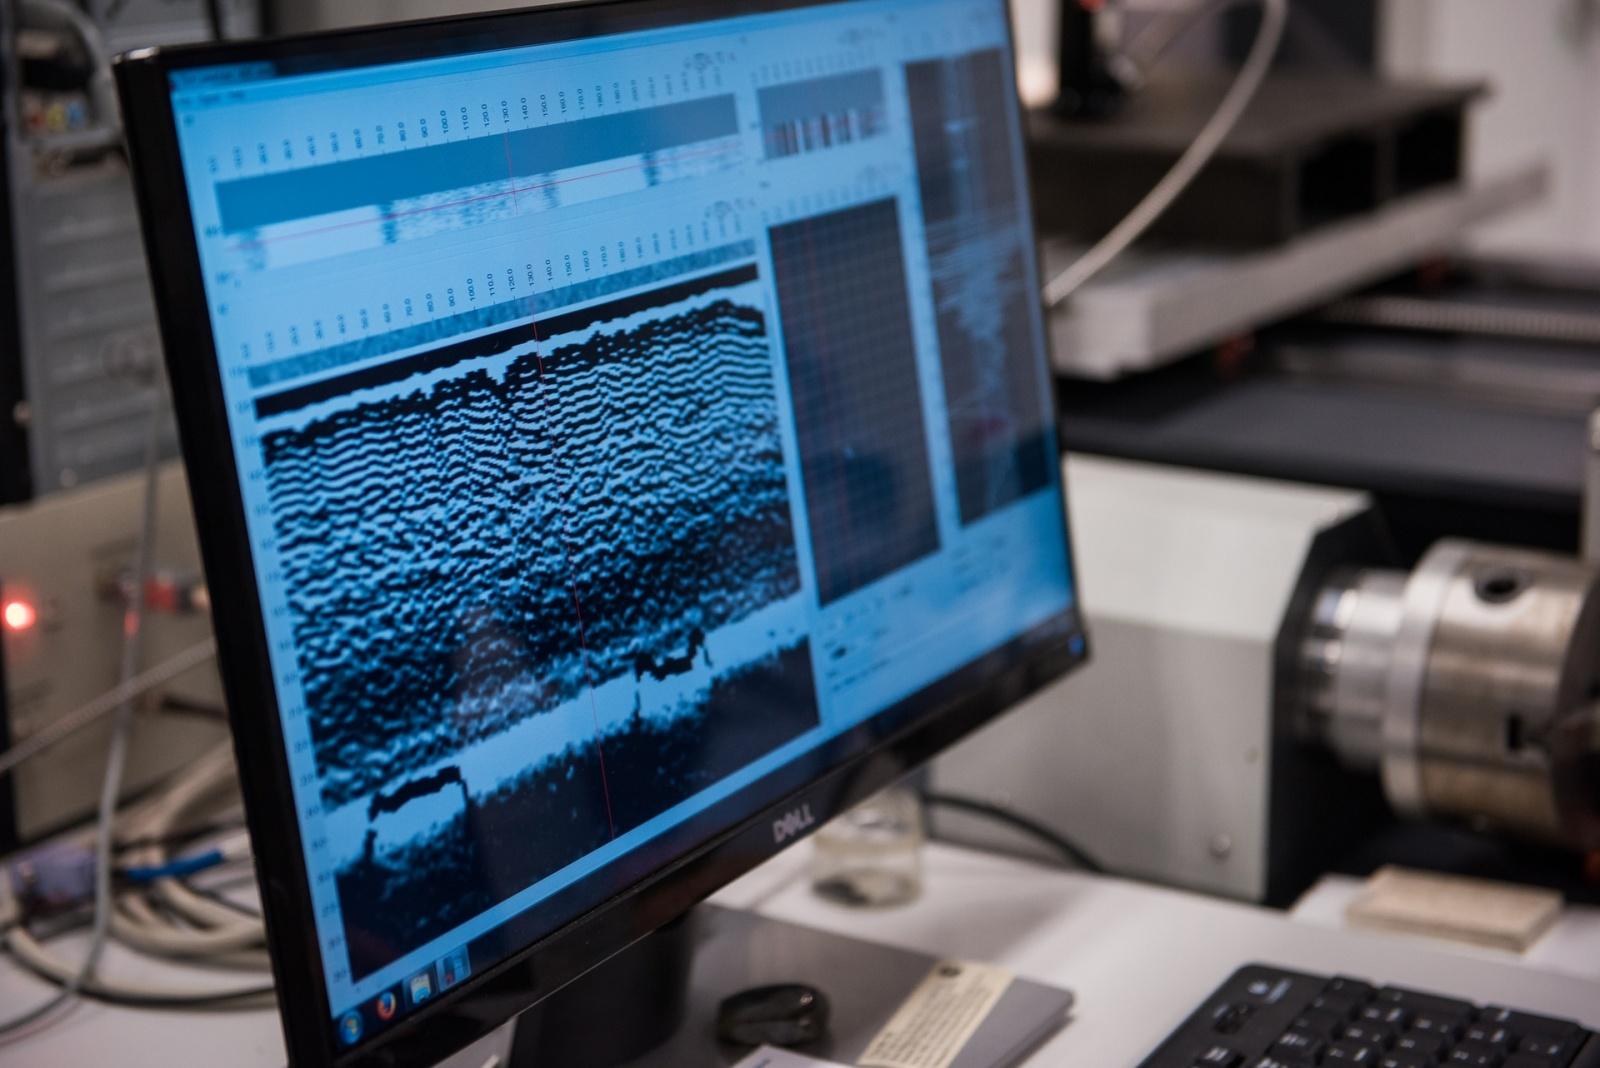 Ученые НИТУ «МИСиС» нашли способ обнаружить дефекты деталей самолета размером в 50 микрон - 2